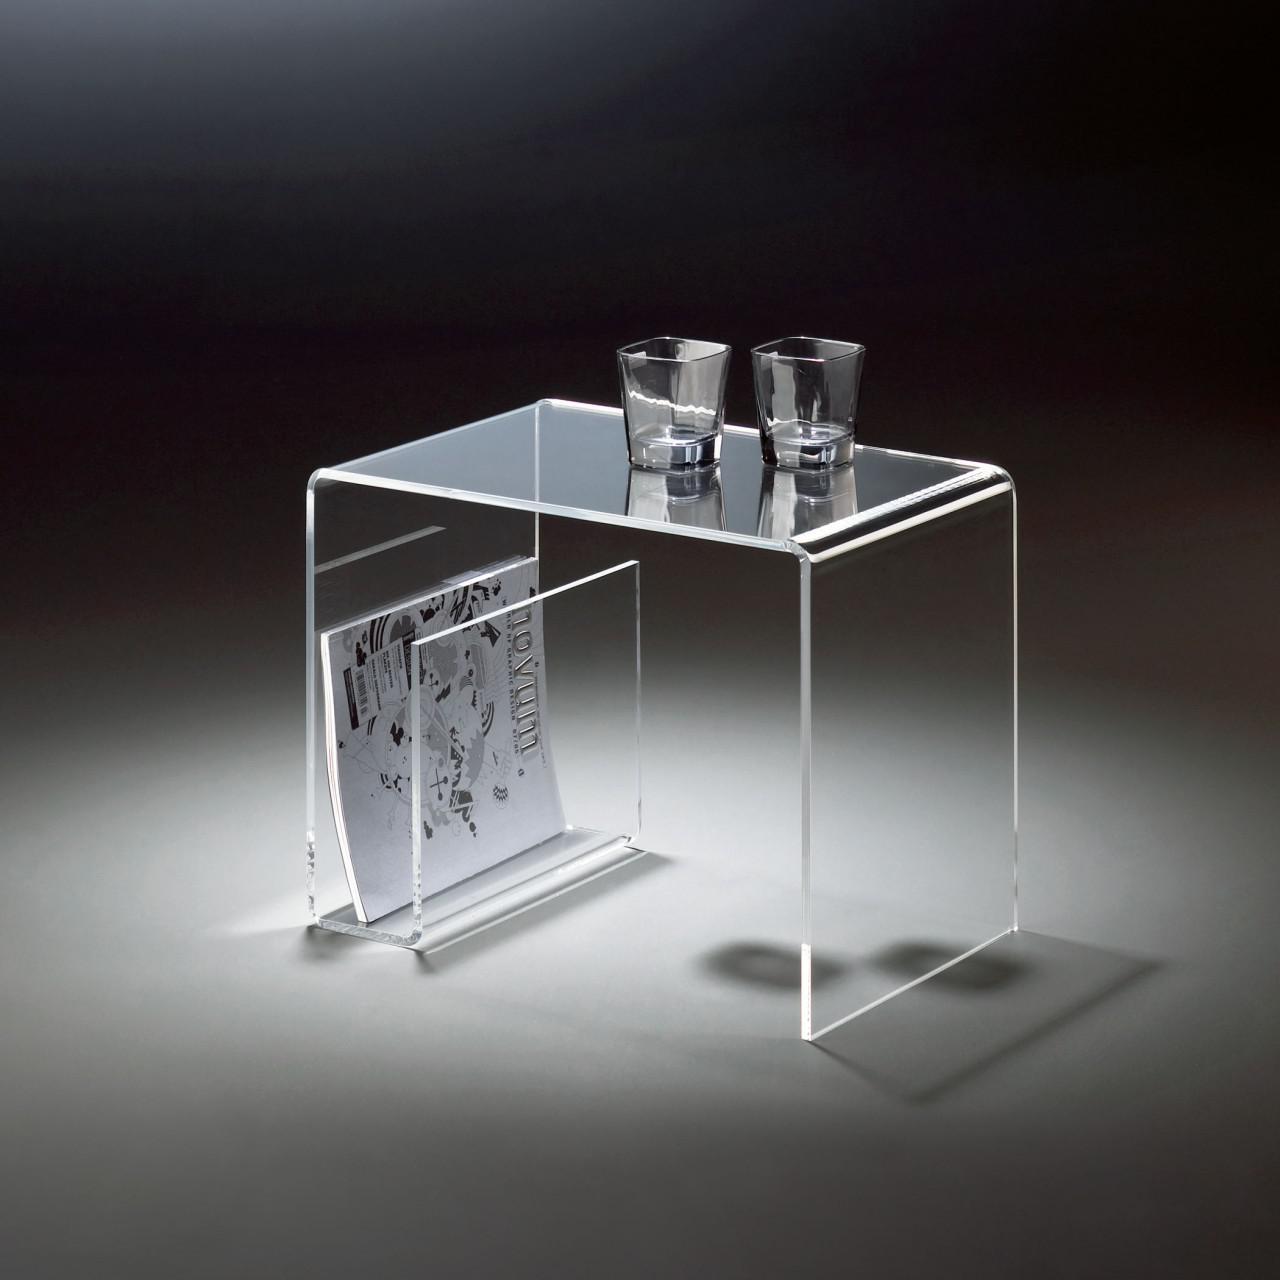 Bezaubernd Glasbeistelltisch Dekoration Von Hochwertiger Acryl-glas Beistelltisch Mit Zeitungsfach, Klar, 48